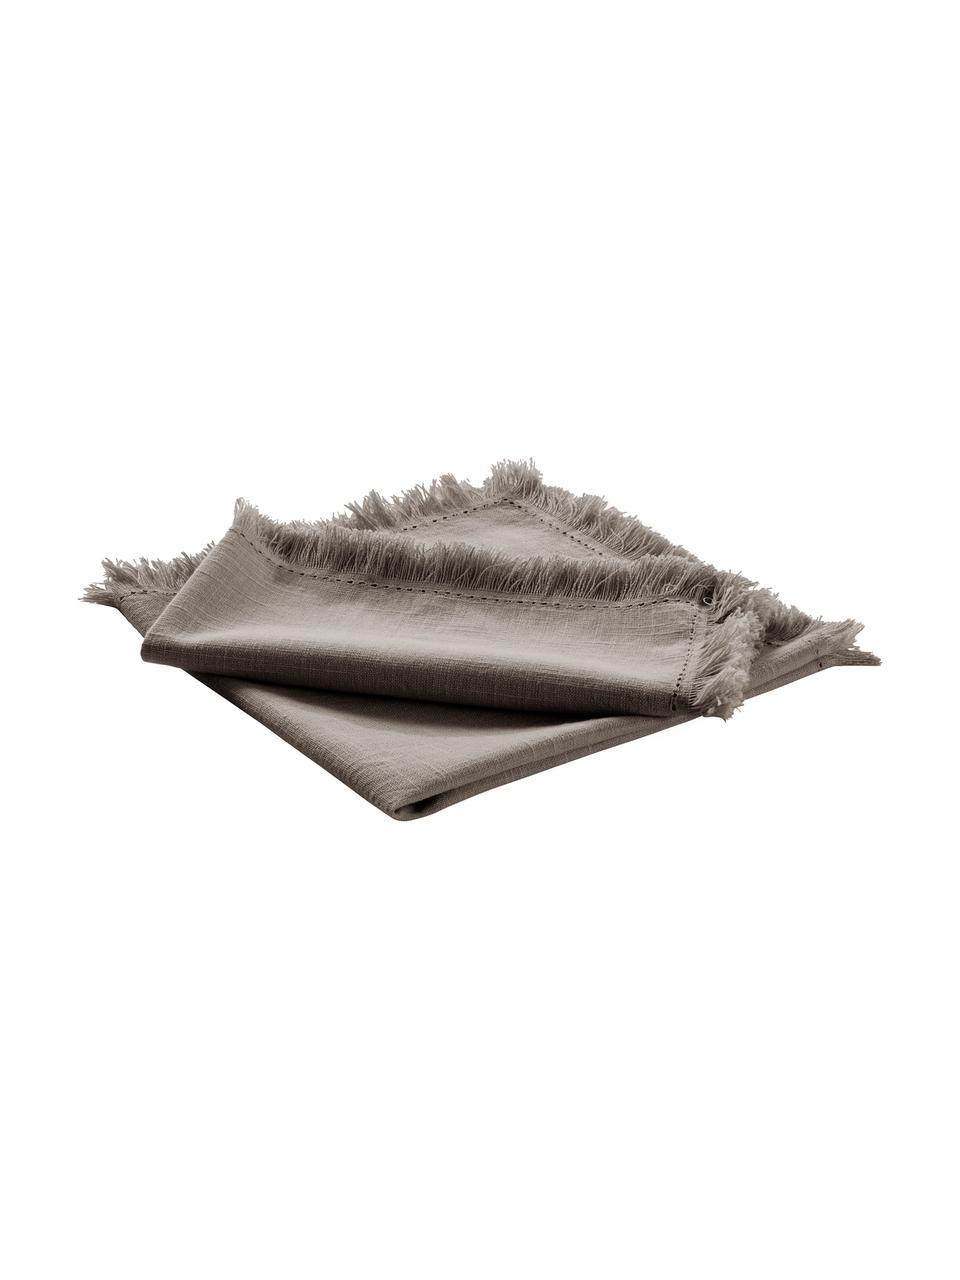 Stoff-Servietten Henley mit Fransen, 2 Stück, 100% Baumwolle, Greige, 45 x 45 cm